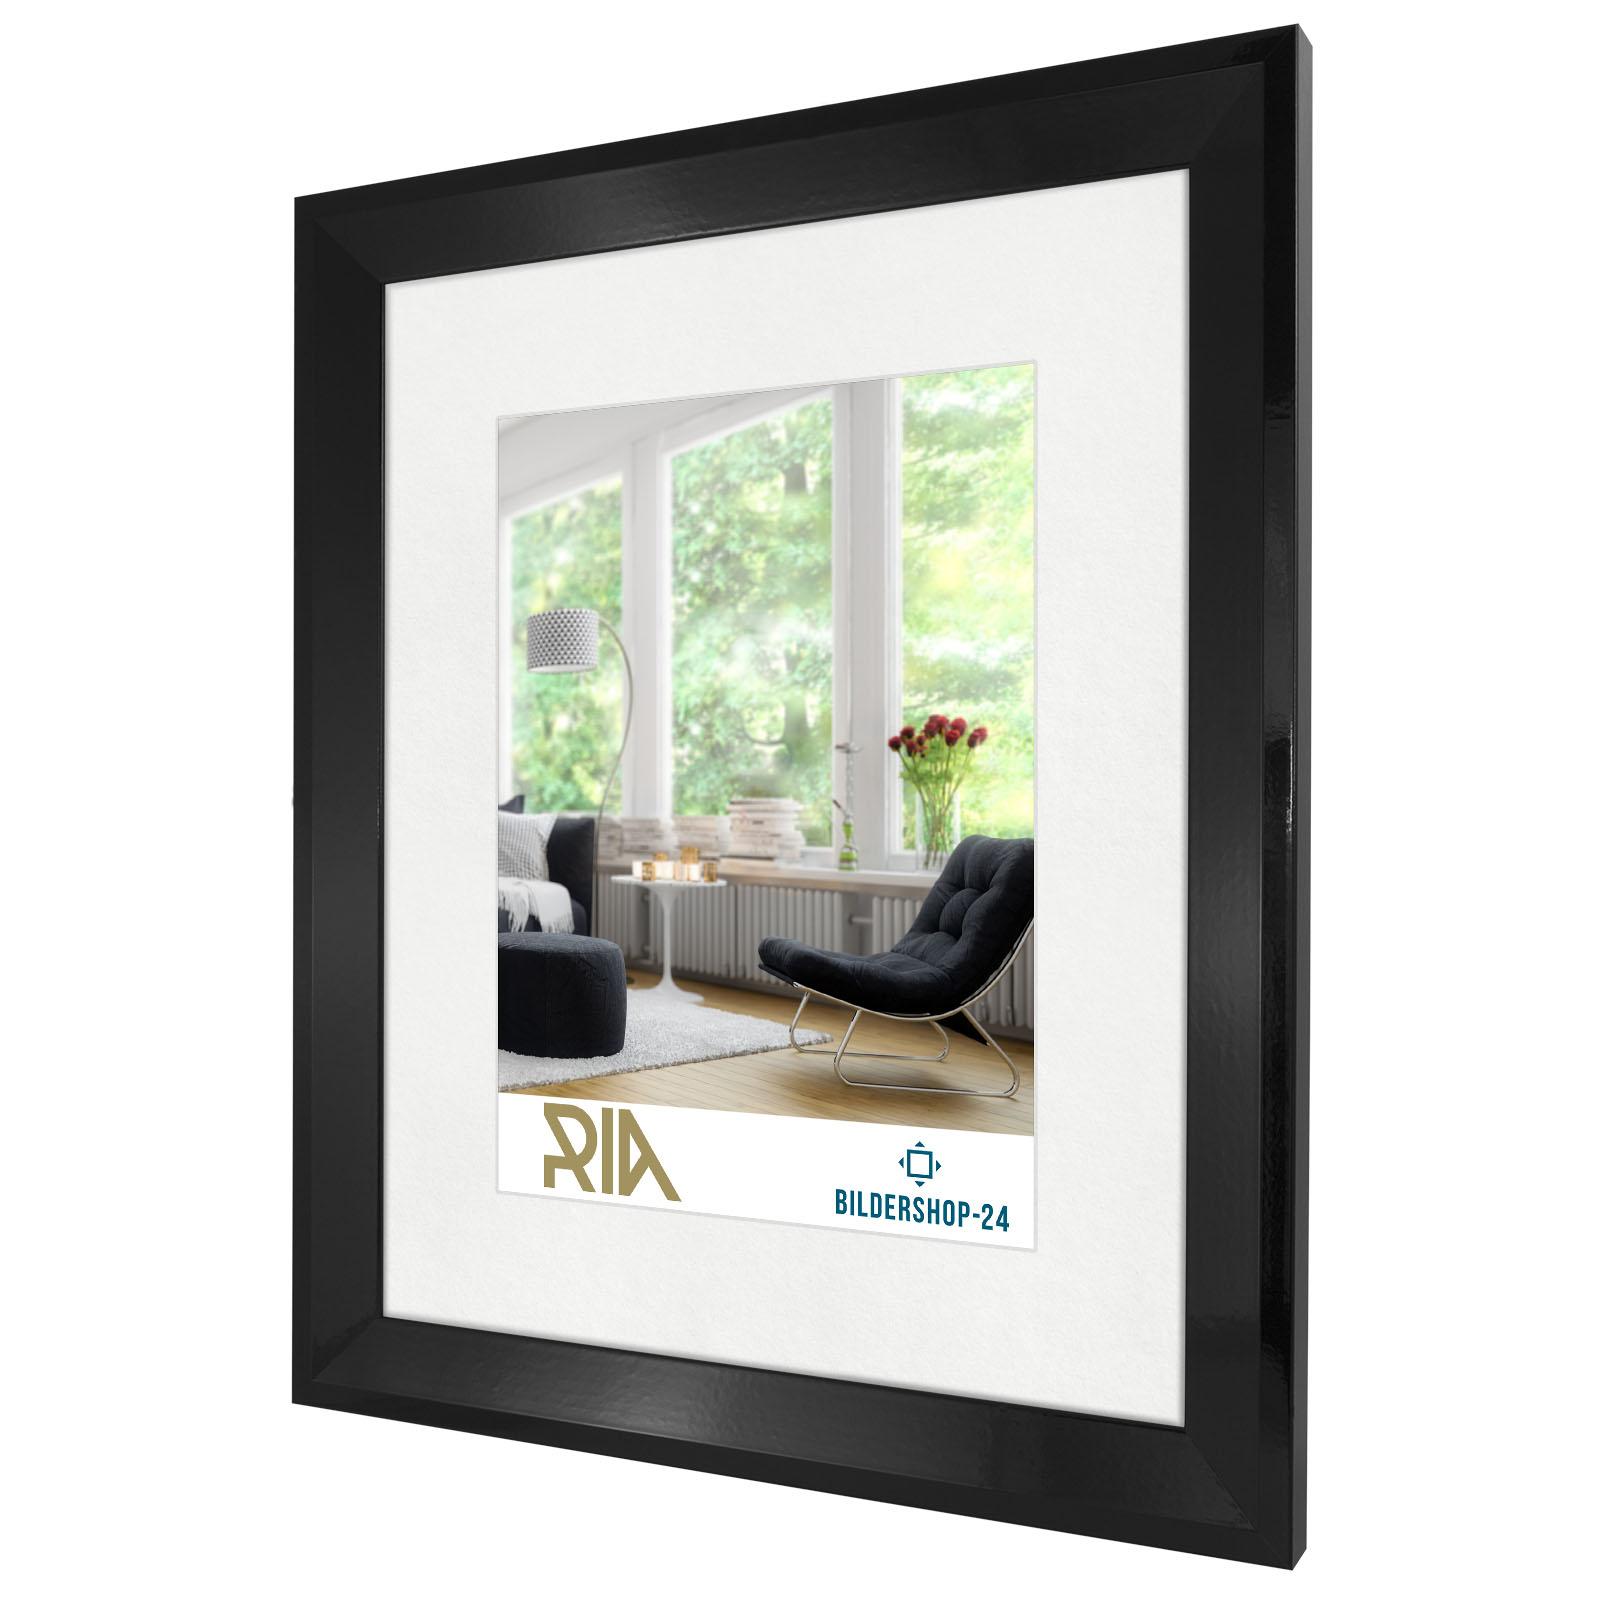 bilderrahmen ria schwarz wei silber grau beton poster wechsel galerie rahmen ebay. Black Bedroom Furniture Sets. Home Design Ideas